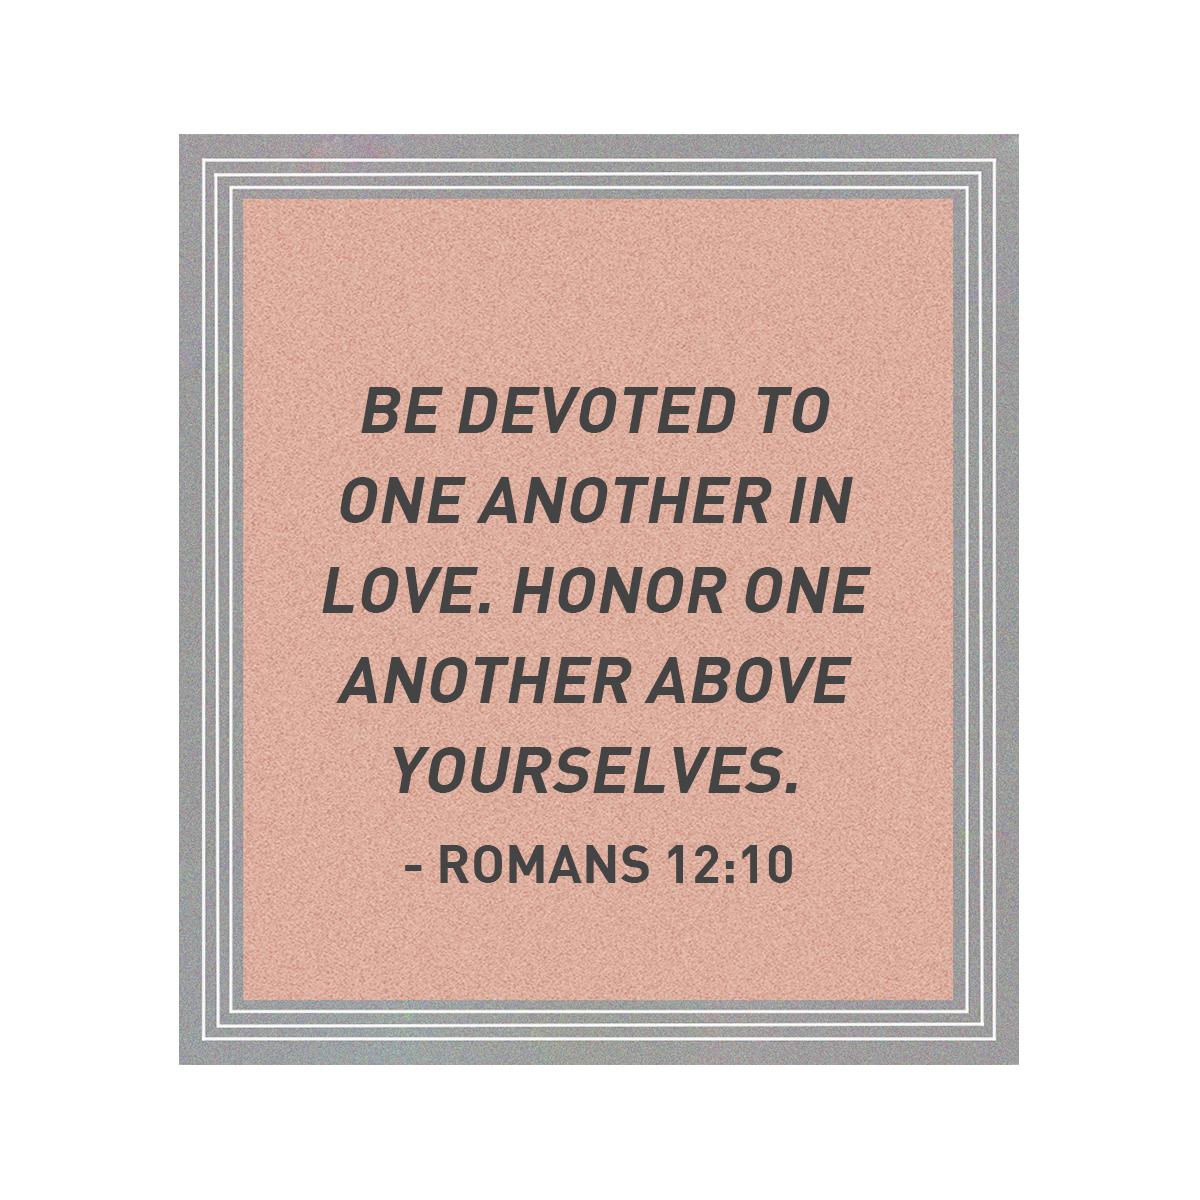 Devo Relationships 8.28